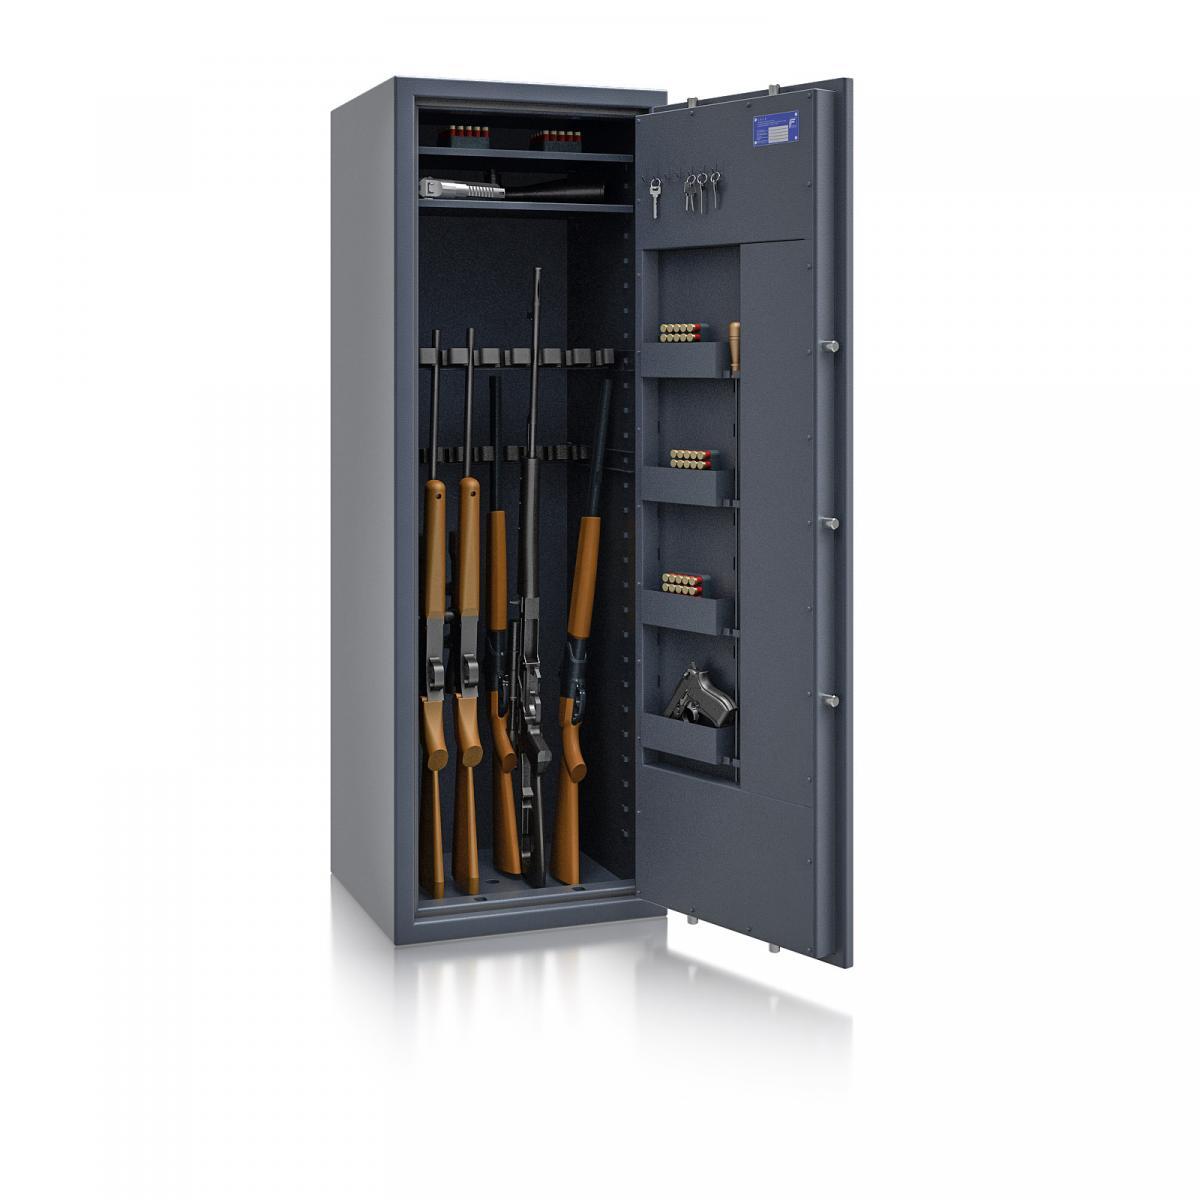 Waffenschrank St. Gallen WF MAX 2 - 1600x550x500 / 212kg 56467 / Klasse I / RAL7024 / Schlüssel / DIN R